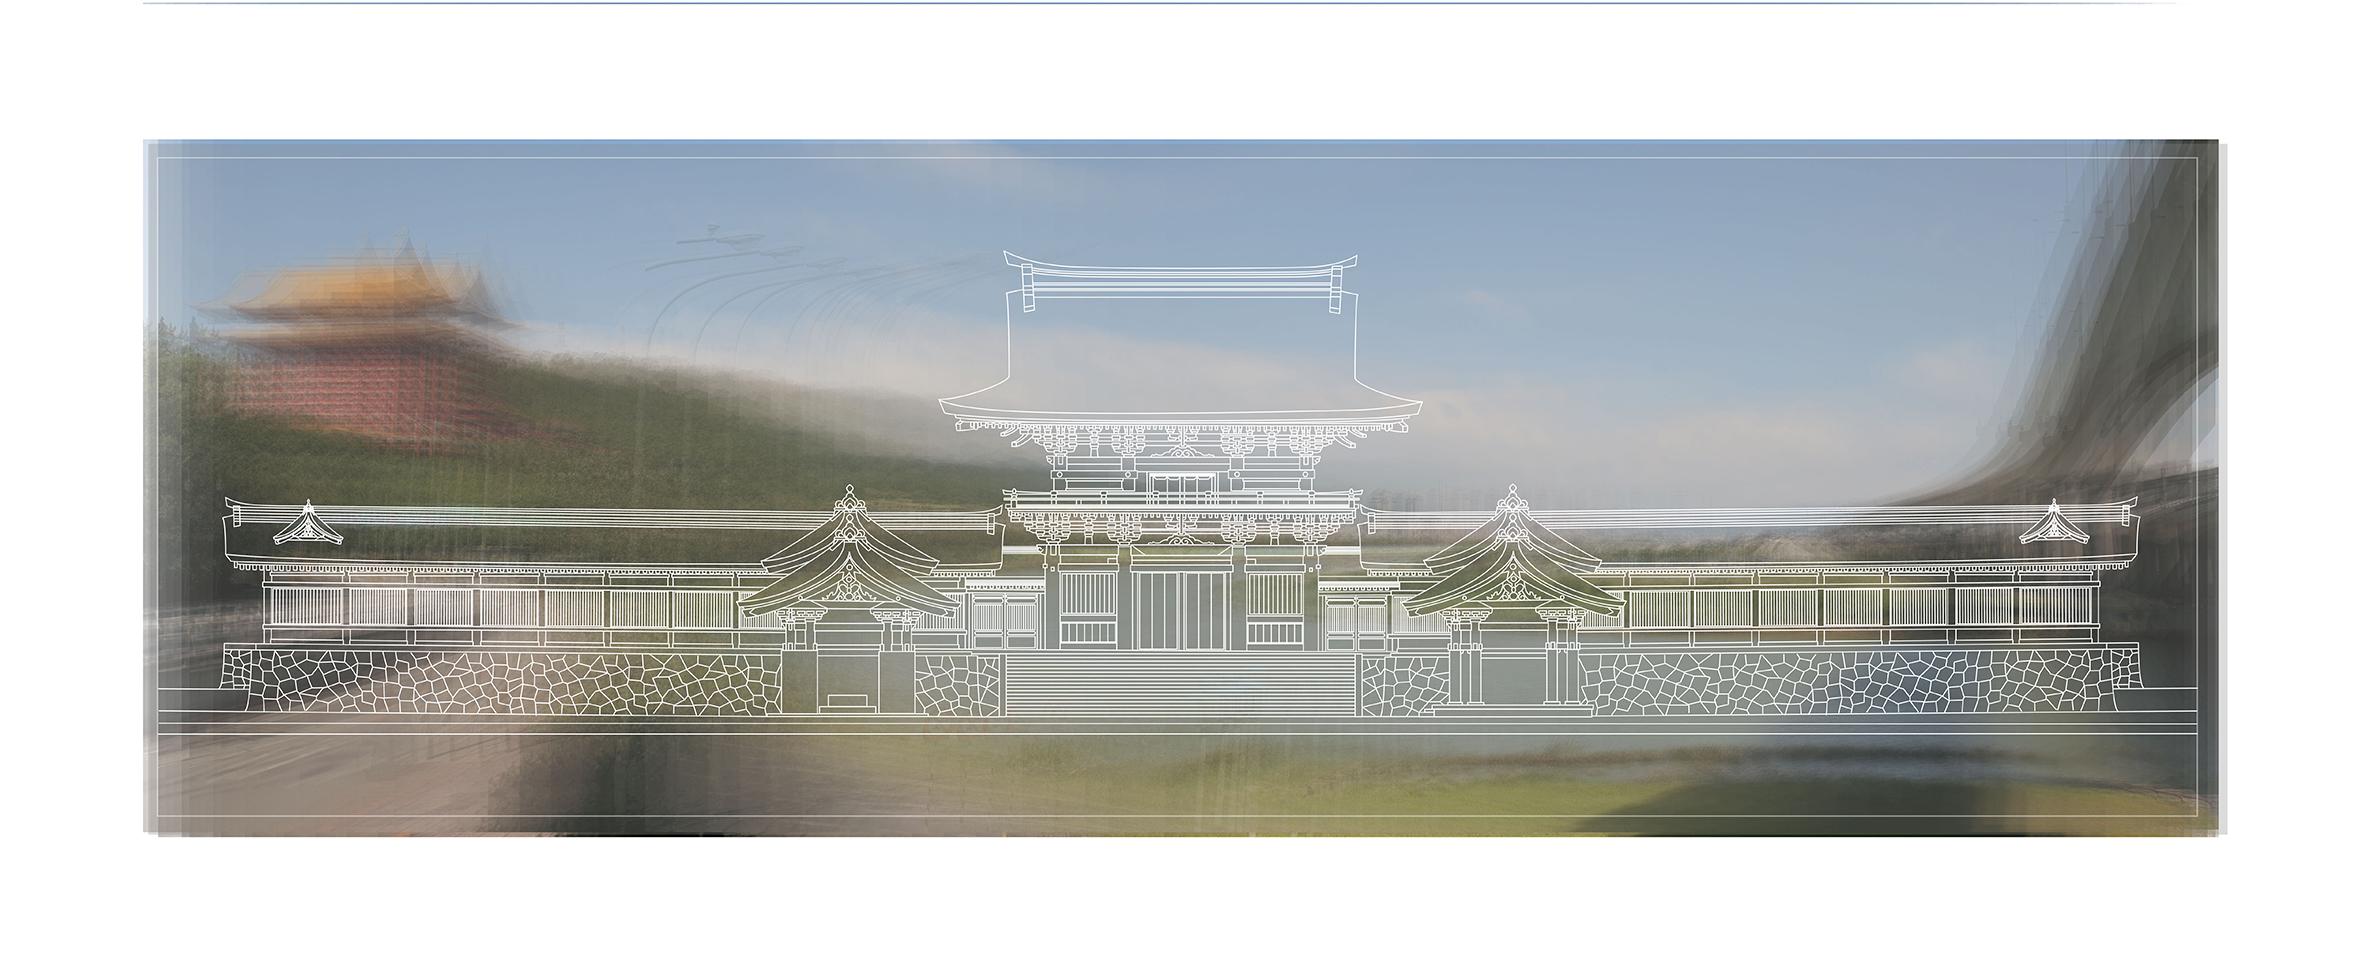 陳飛豪《台灣神宮檔案重構計劃:南神門與基隆河畔|Reconstruction of Taiwan Grand Shrine archives South Holly Gate and Keelung